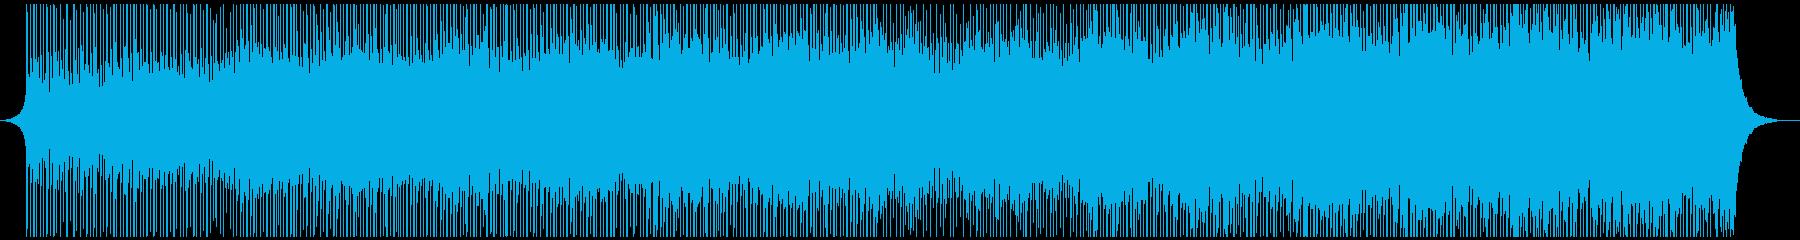 研究所の再生済みの波形